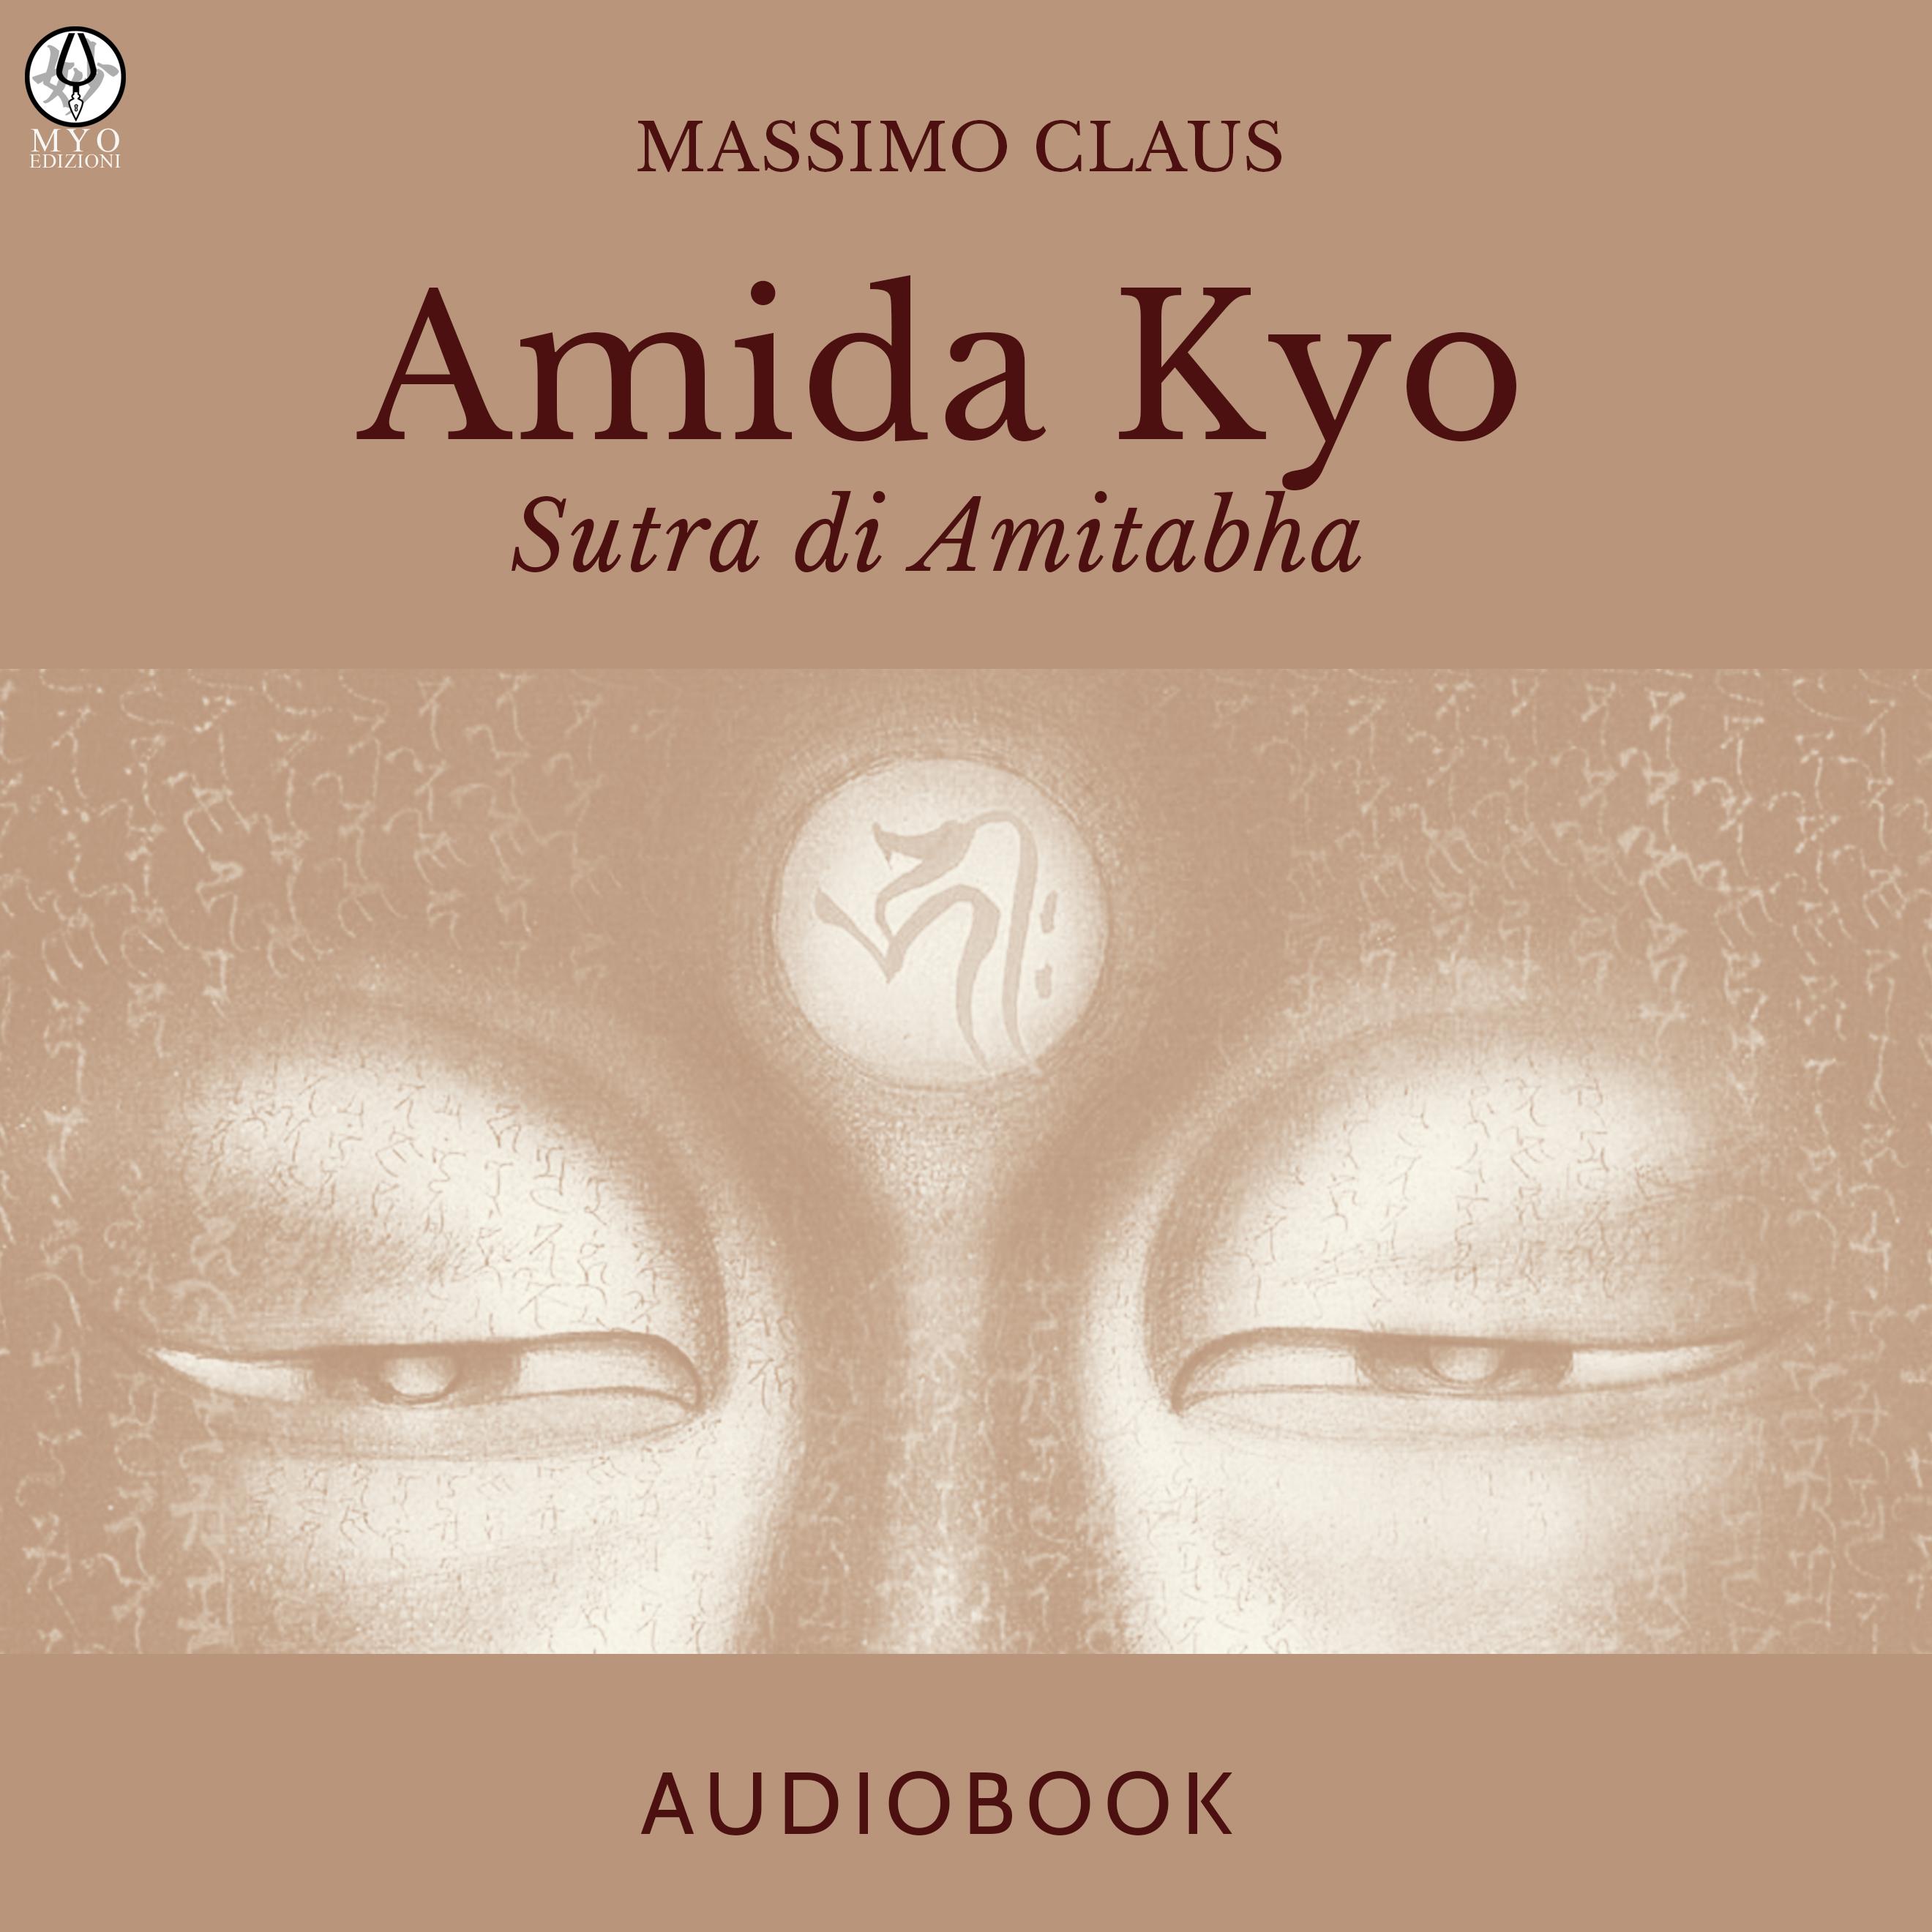 Sutra di Amitabha